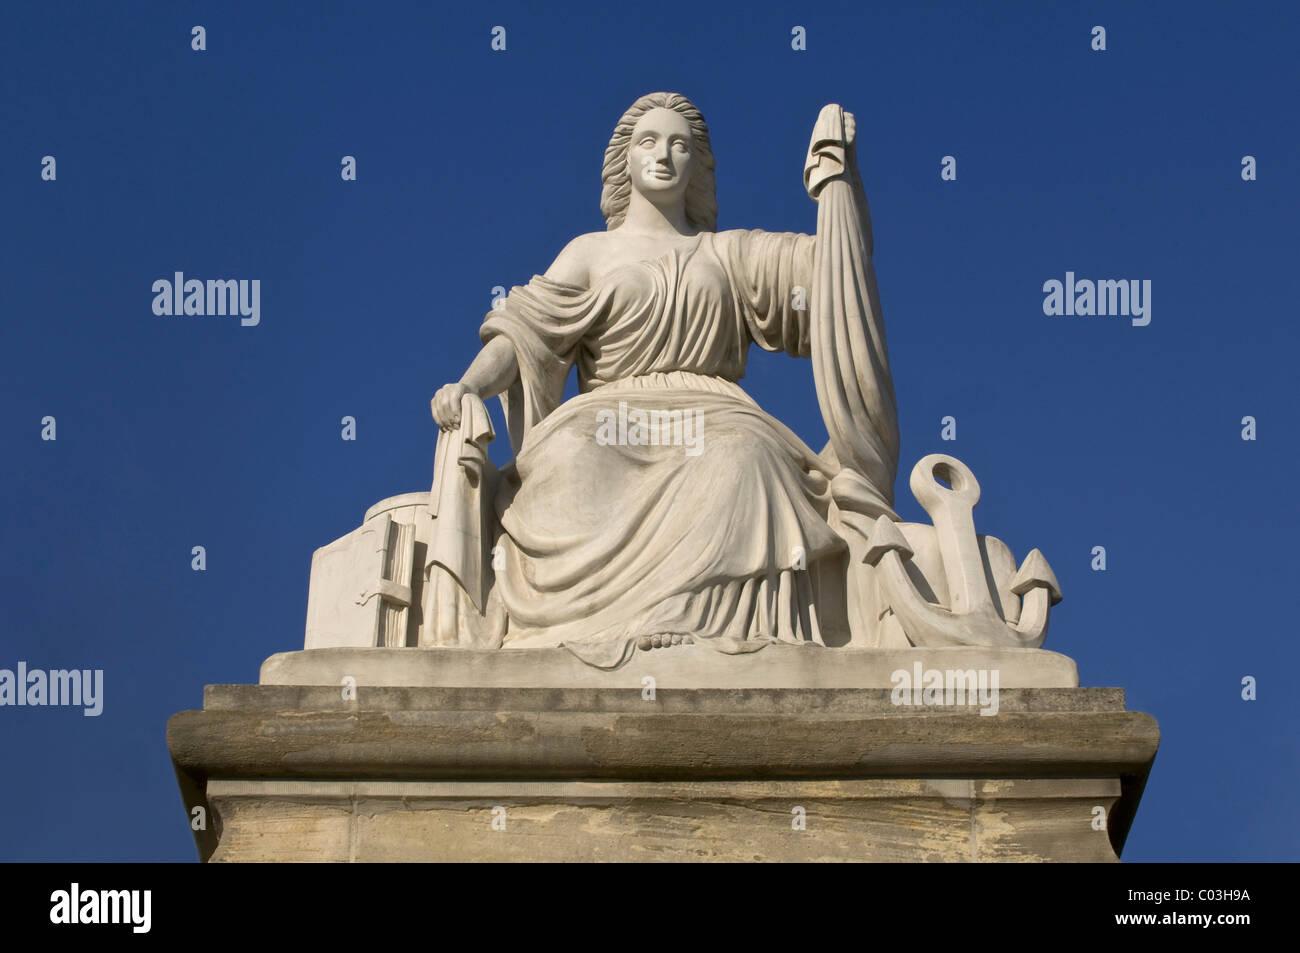 Statua per la spedizione e il commercio, la porta del castello di Mainz, Renania-Palatinato, Germania, Europa Immagini Stock